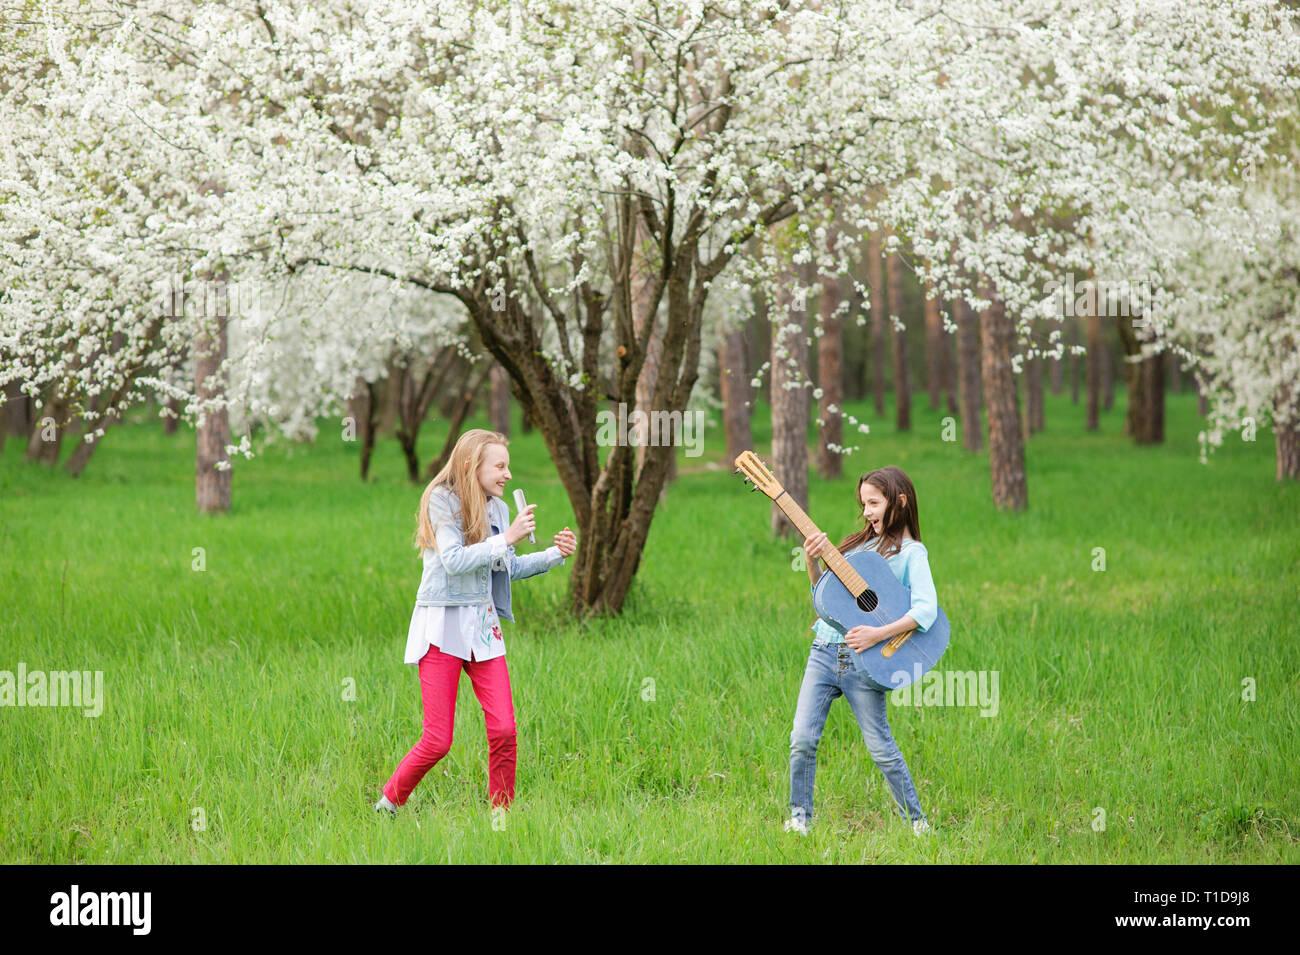 Kids rock band di due divertenti piccole ragazze con chitarra vintage e spazzola per capelli come microfono per riprodurre musica e canto canzone in primavera sbocciano i fiori parco all'aperto Immagini Stock